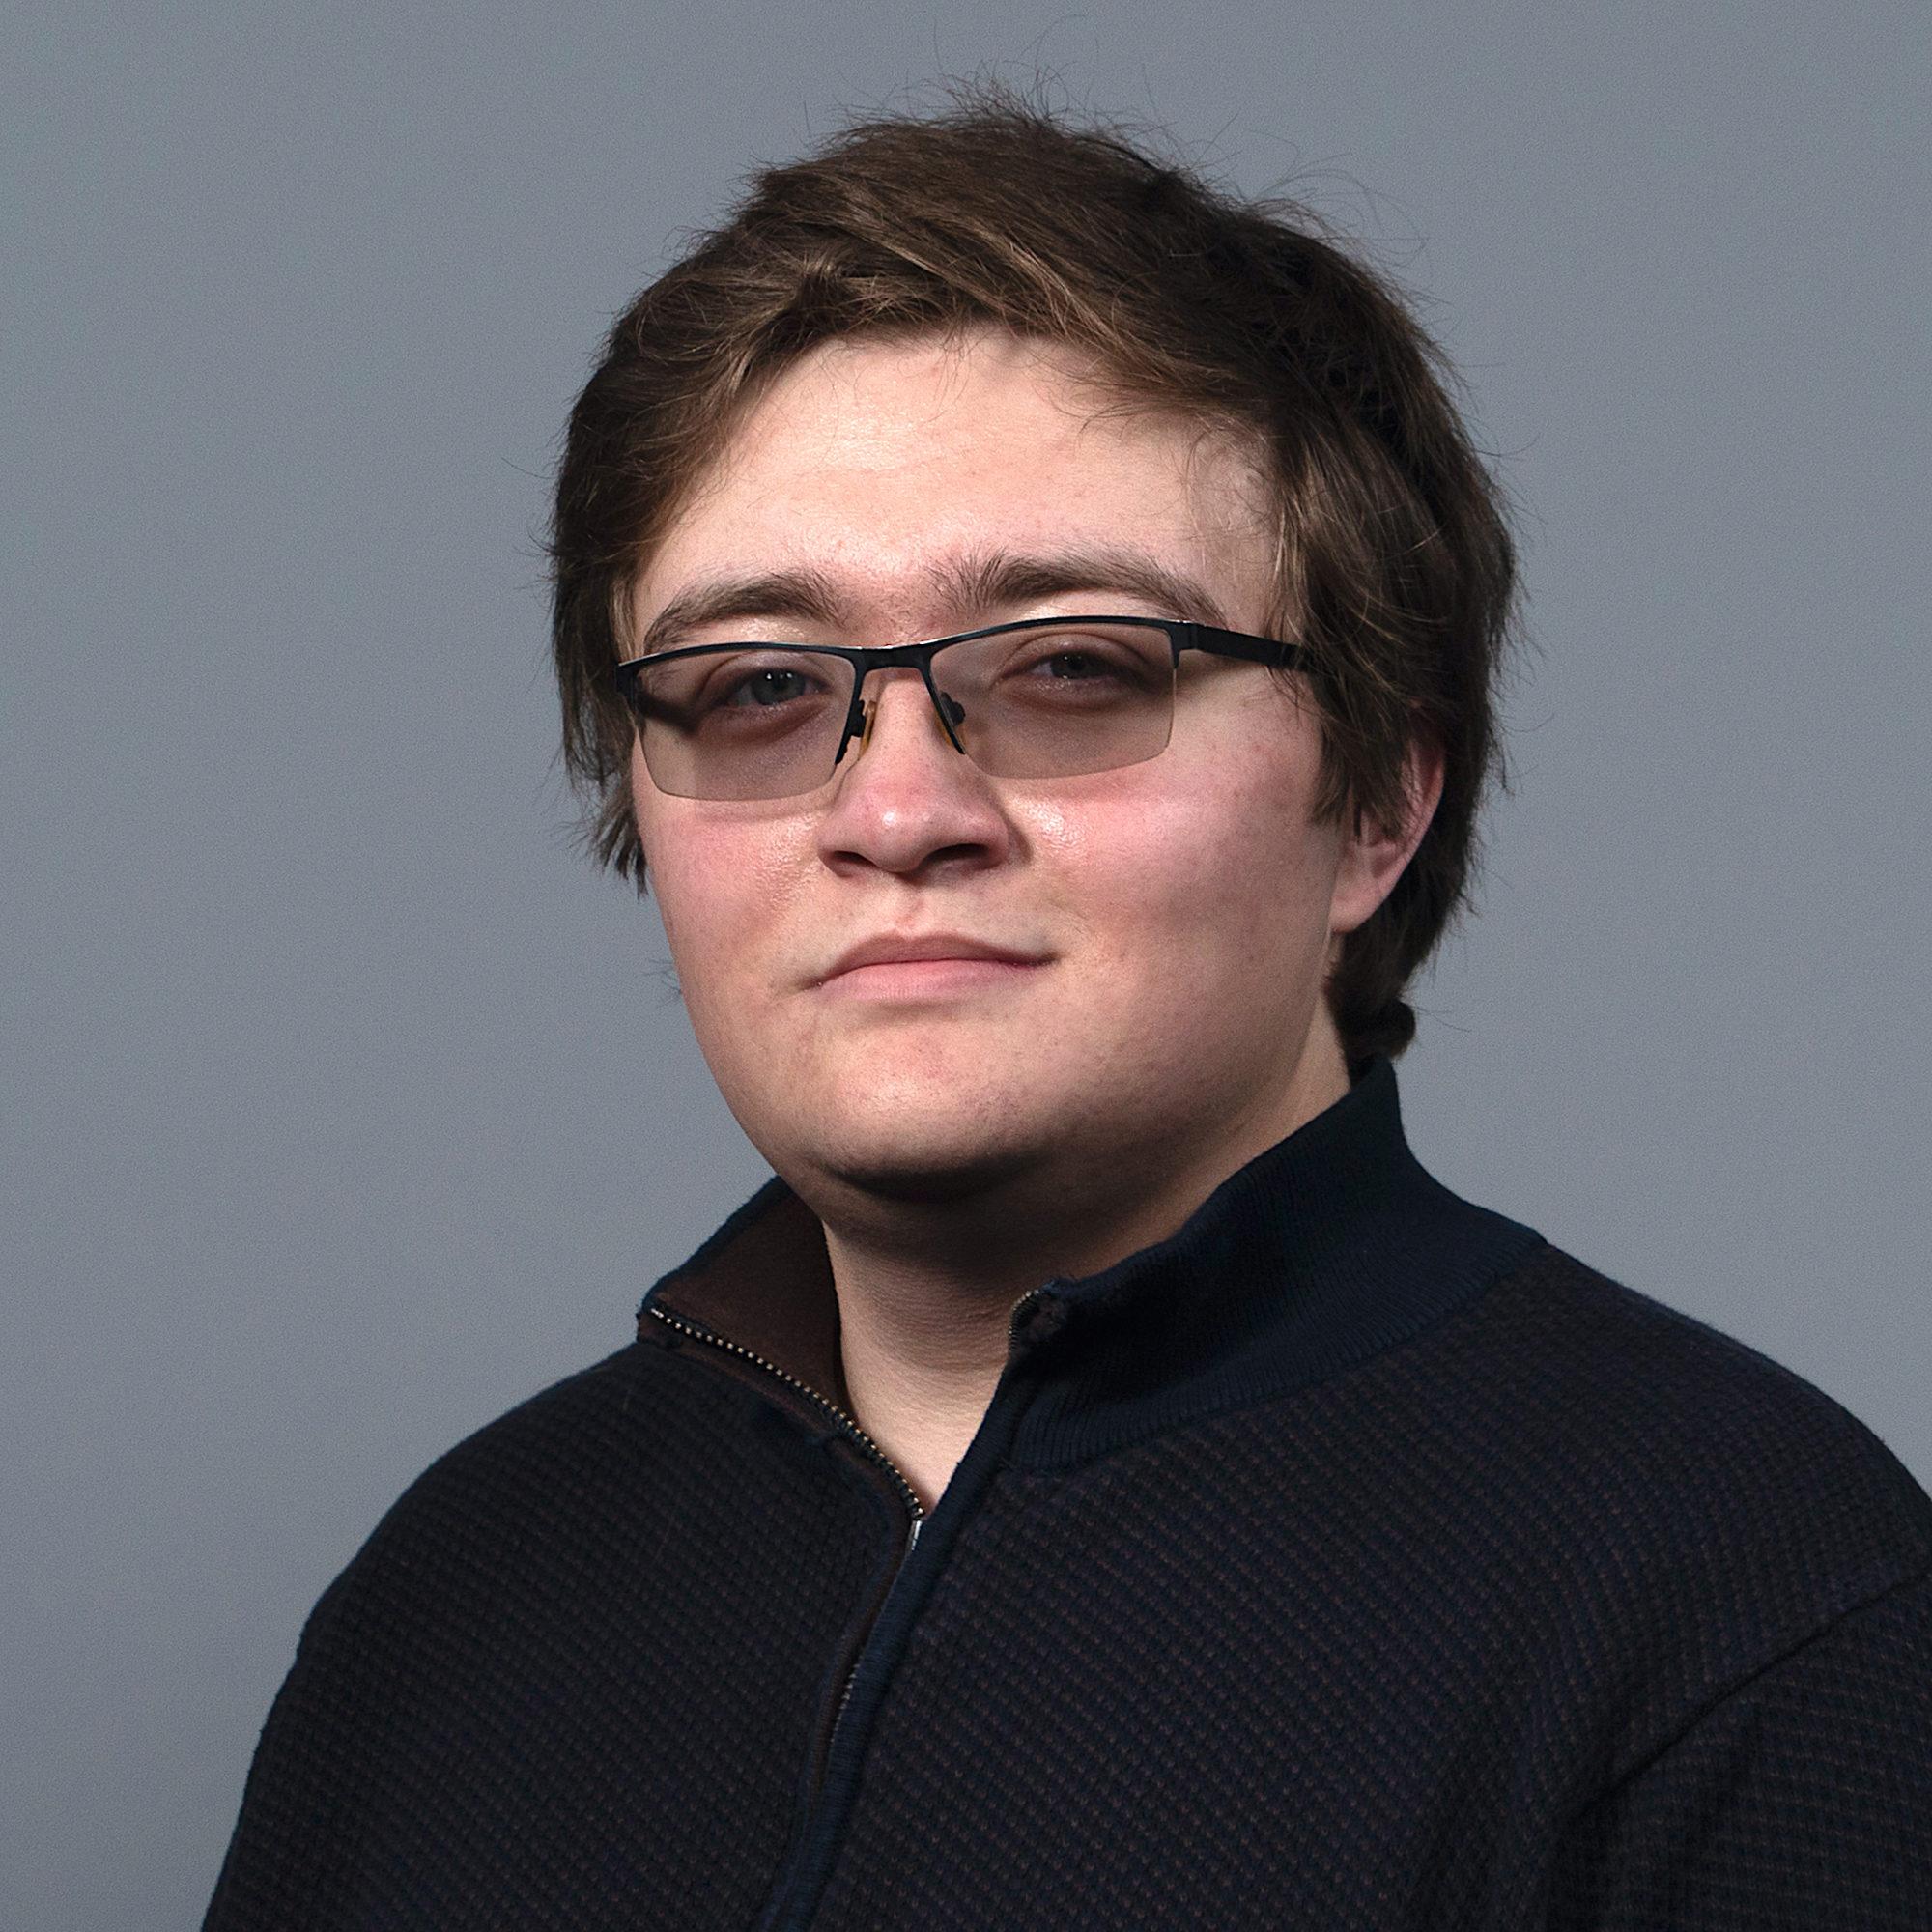 Самородин Георгий Владиславович